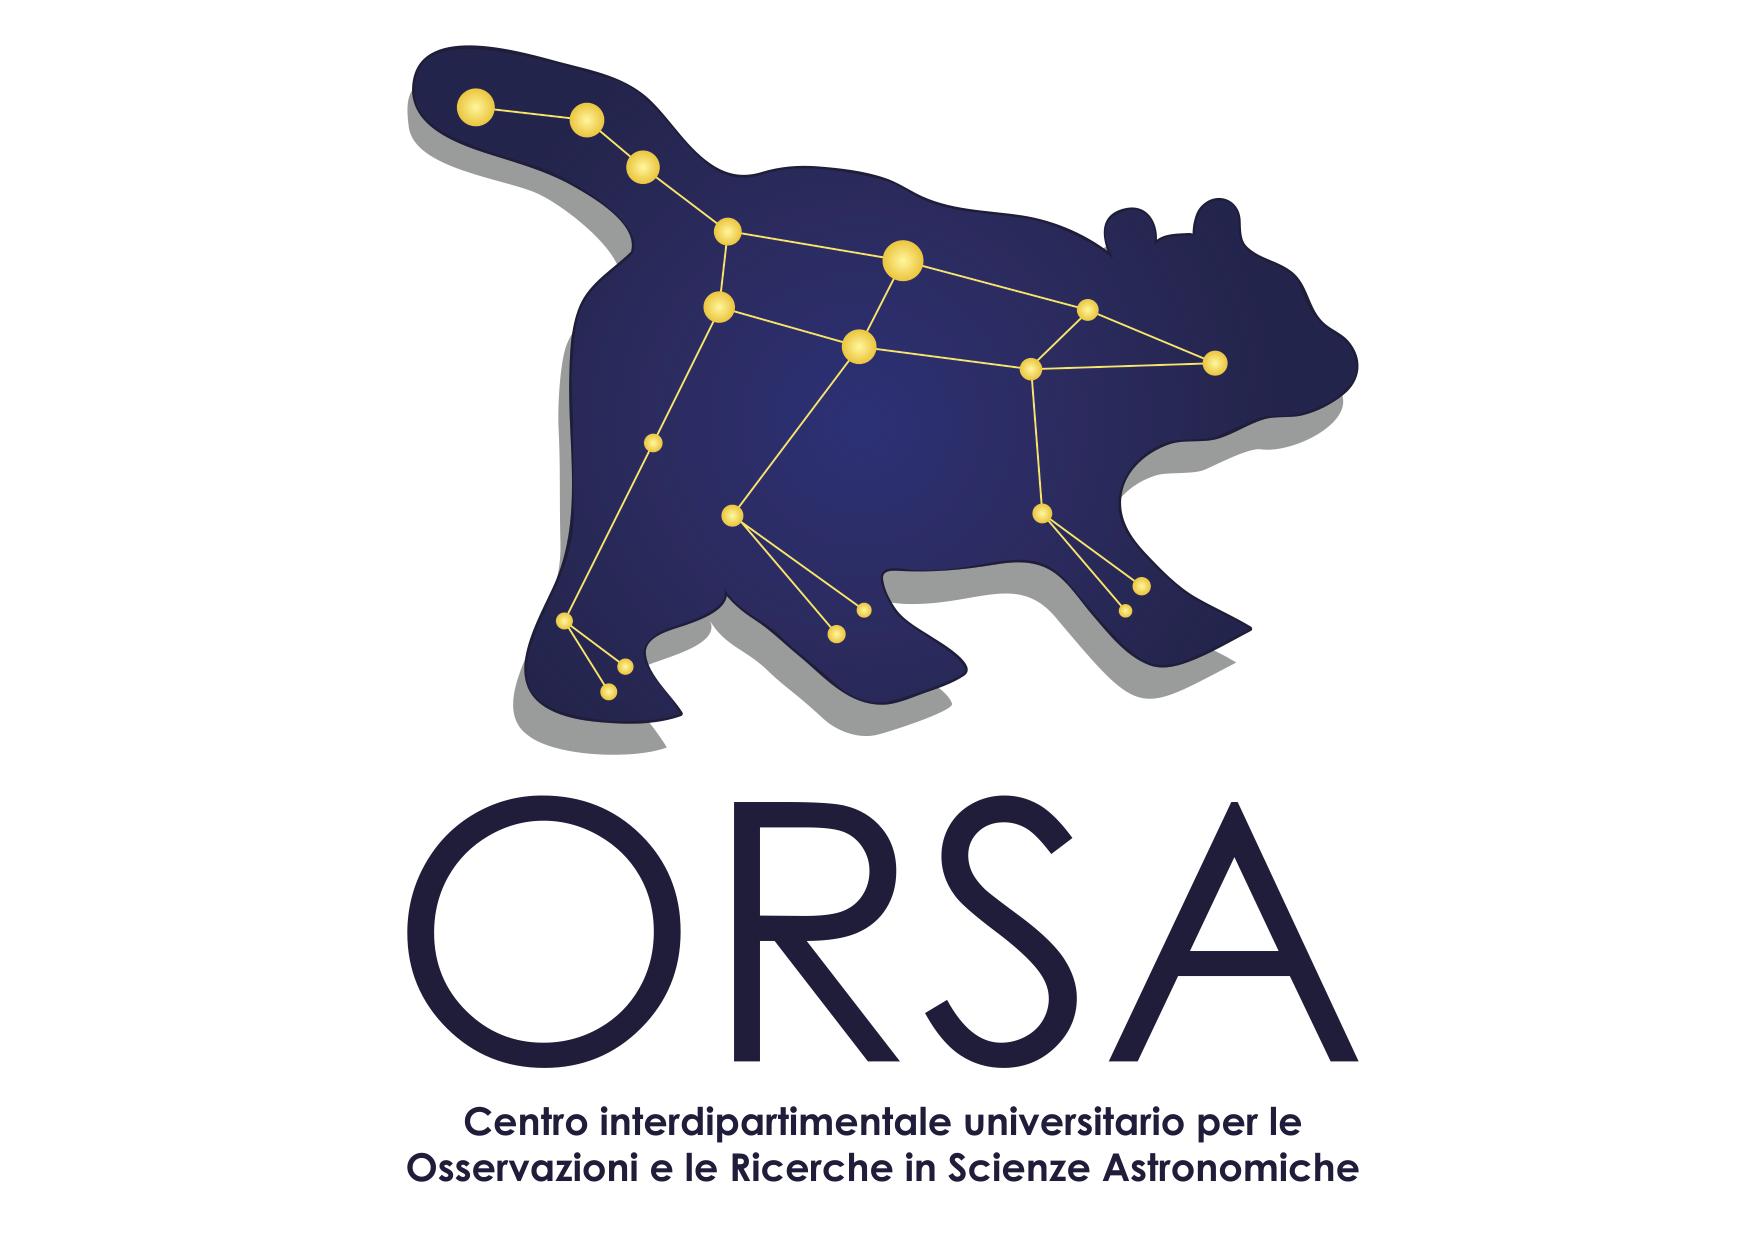 Centro Interdipartimentale per le Osservazione e Ricerche in Scienza Astronomiche